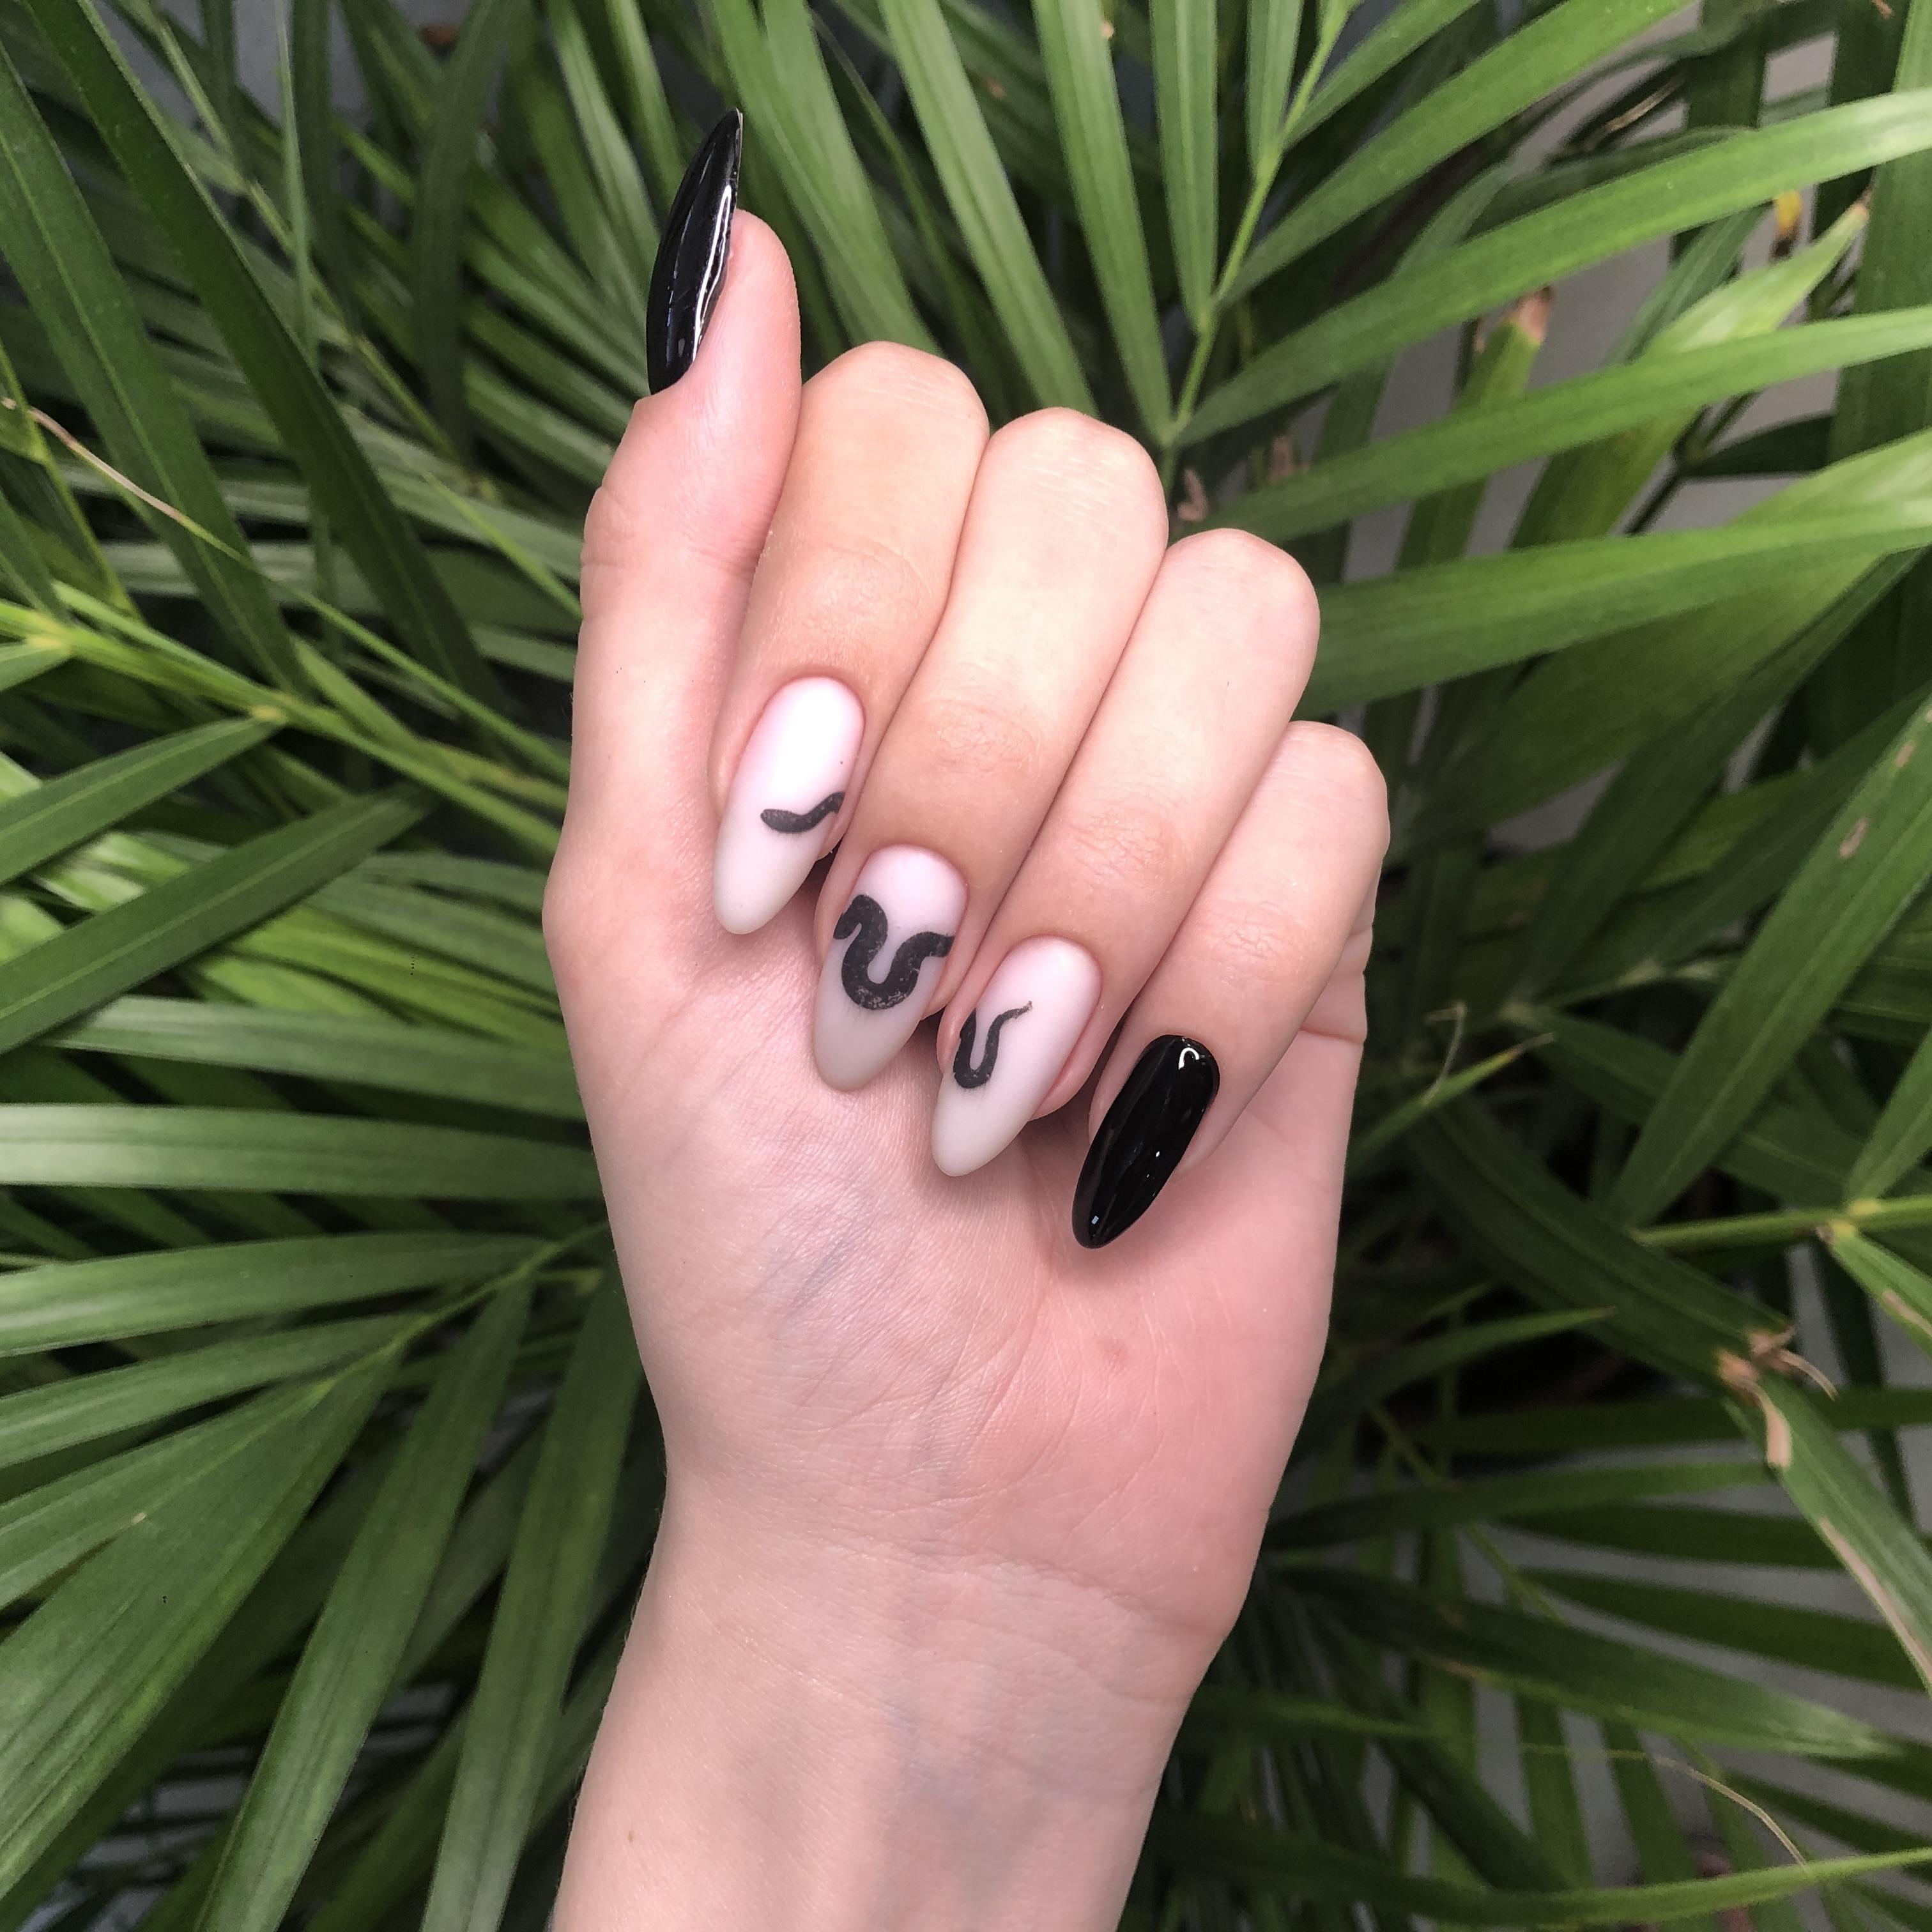 Маникюр со змеей на длинные ногти.